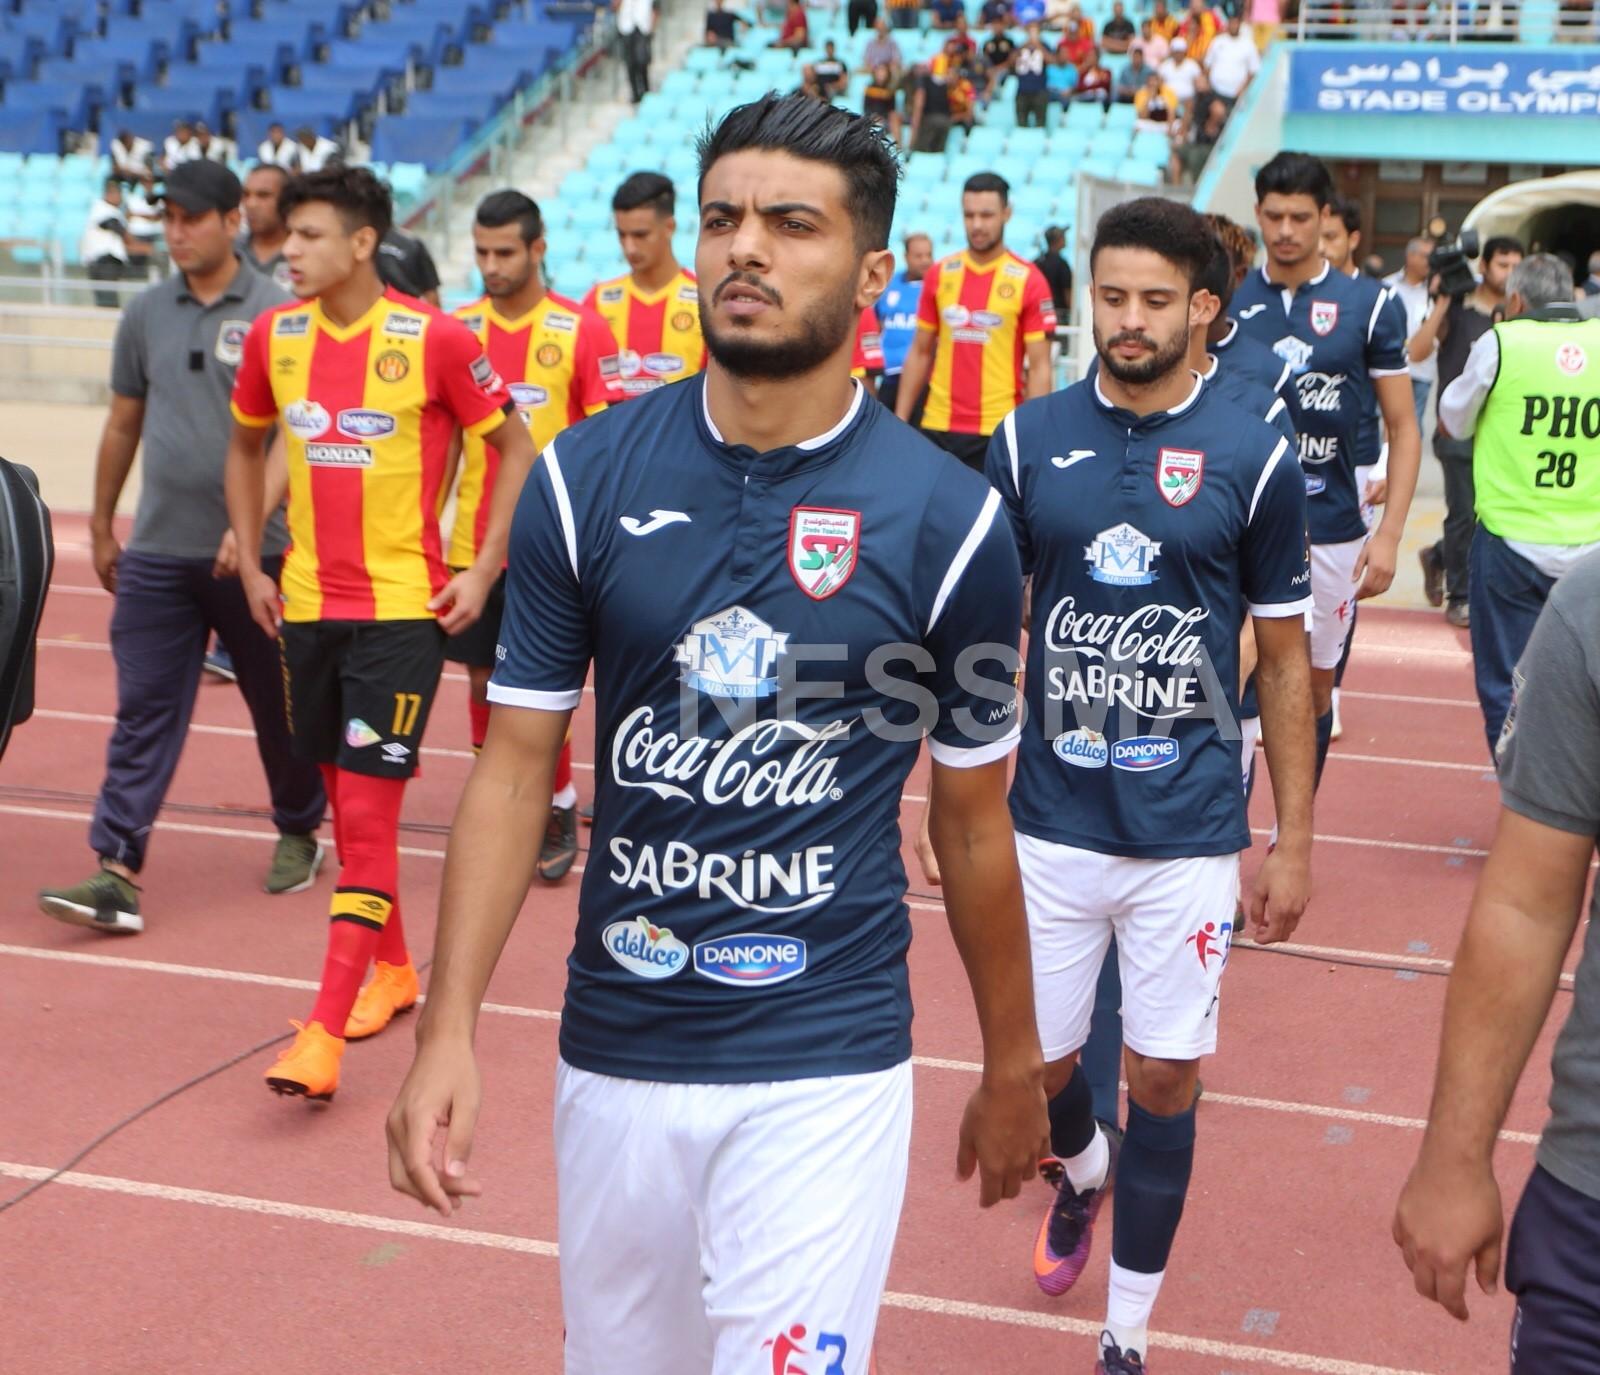 صور الشوط الأول لمباراة الترجي الرياضي التونسي والملعب التونسي